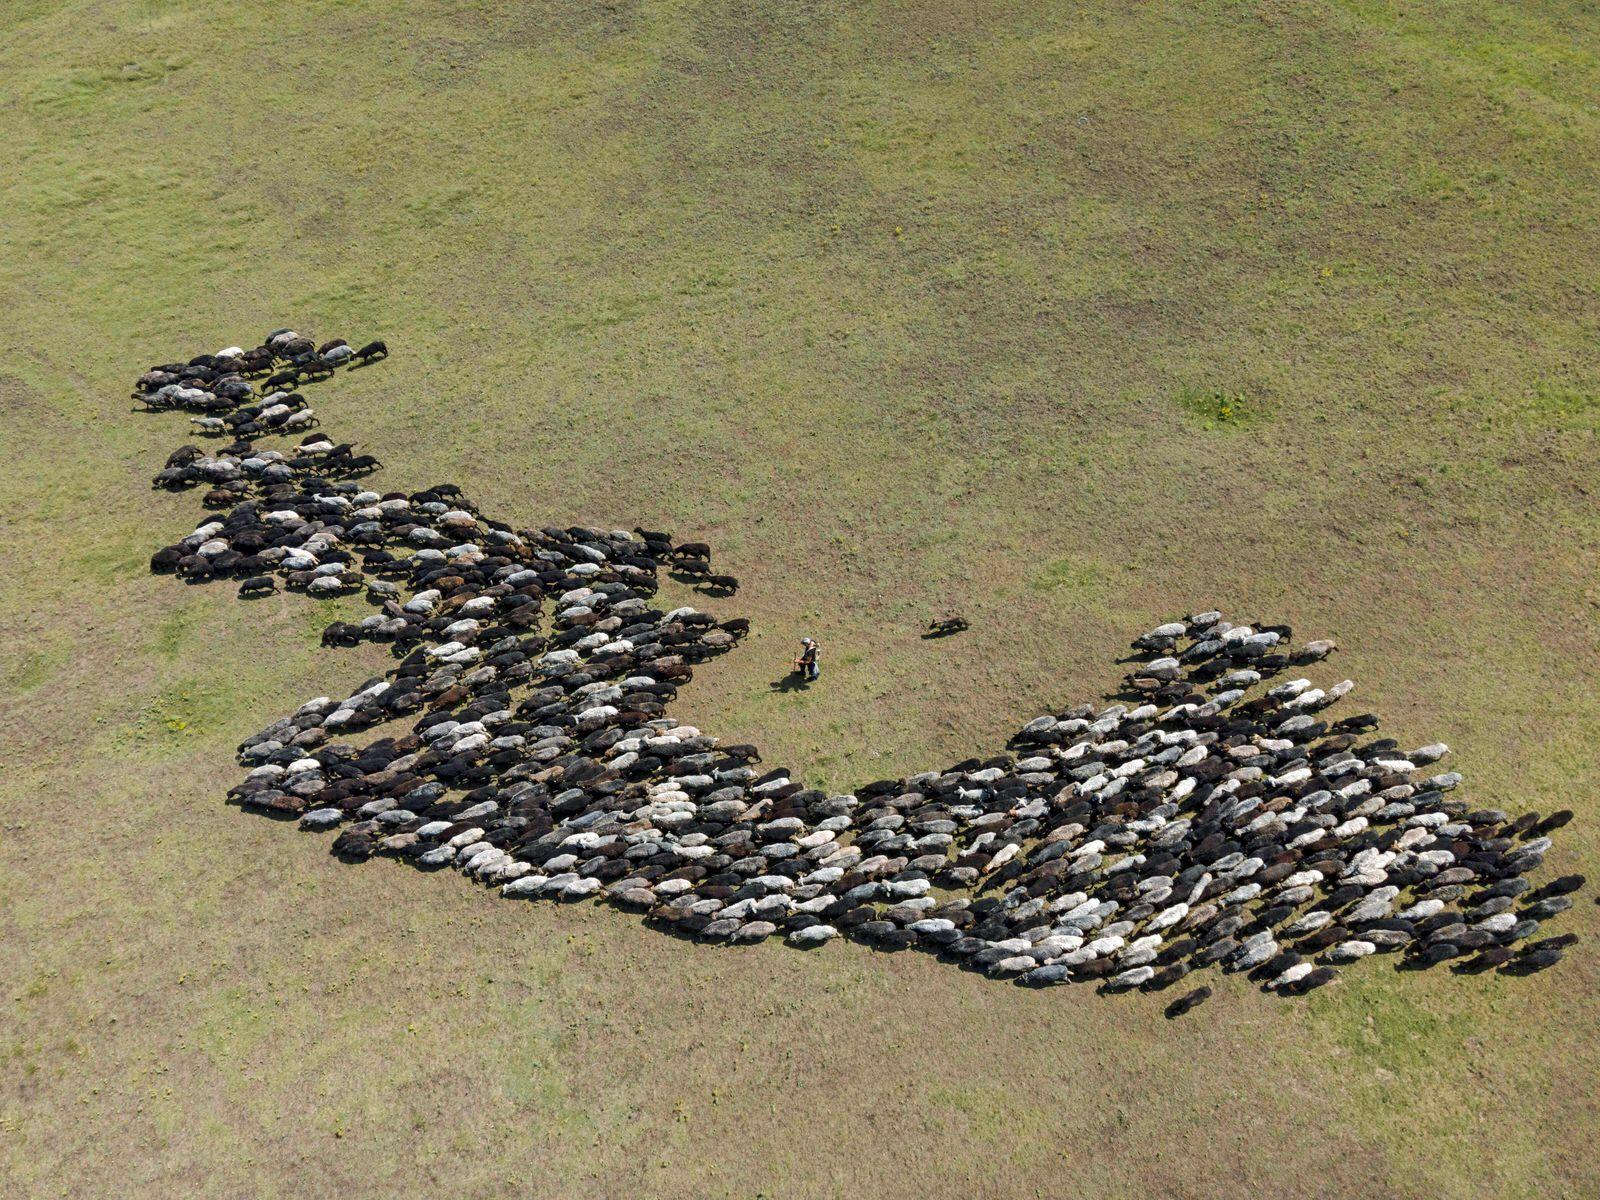 Luftaufnahme, Schafherde weidet in Steppe, Tarutino Steppe, Oblast Odessa, Ukraine, Europa *** Aerial view, Flock of she